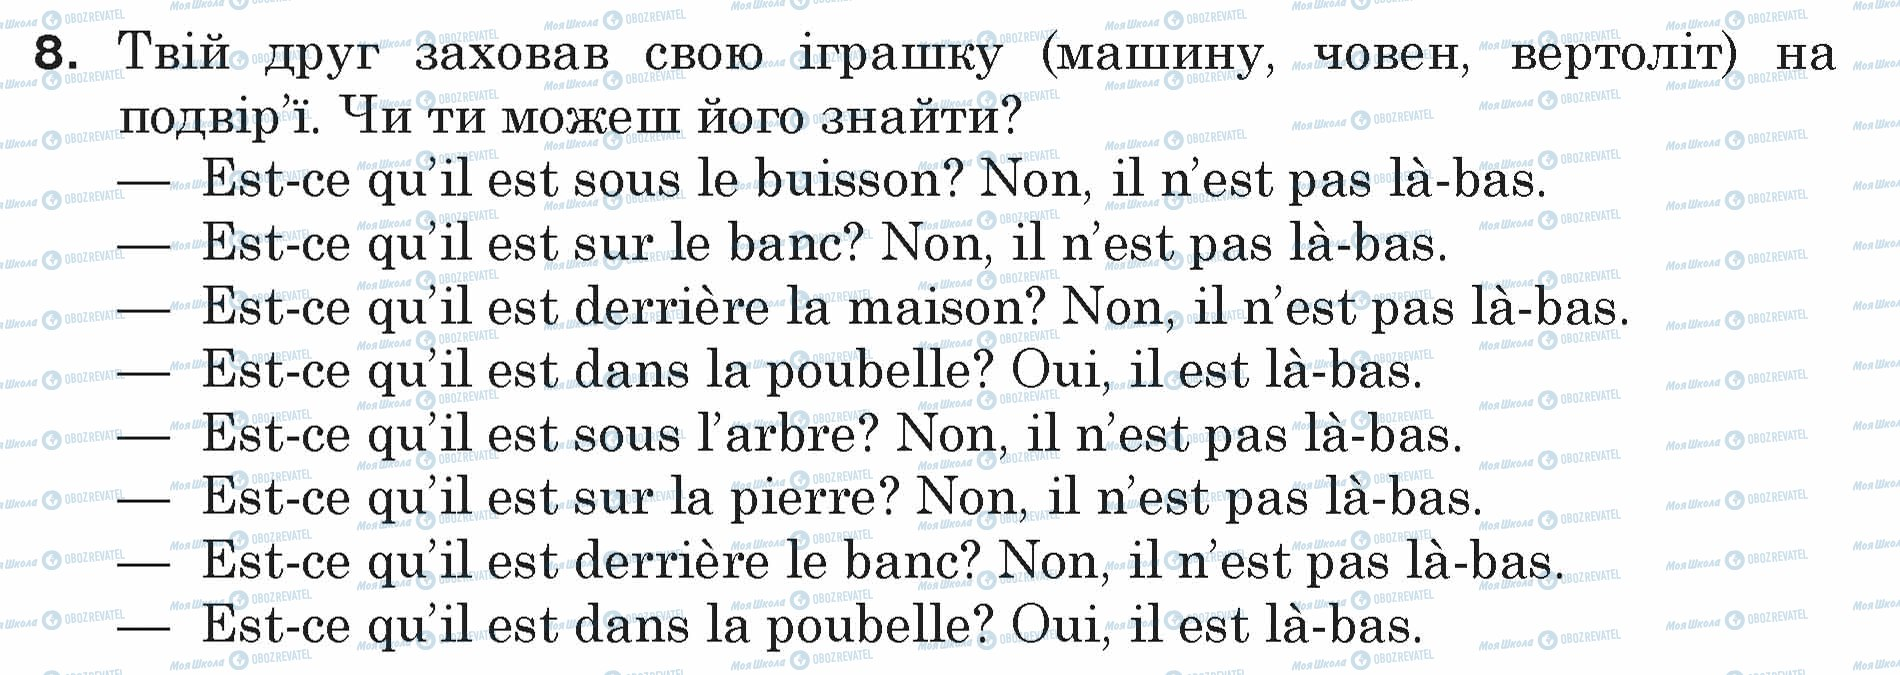 ГДЗ Французский язык 5 класс страница 8